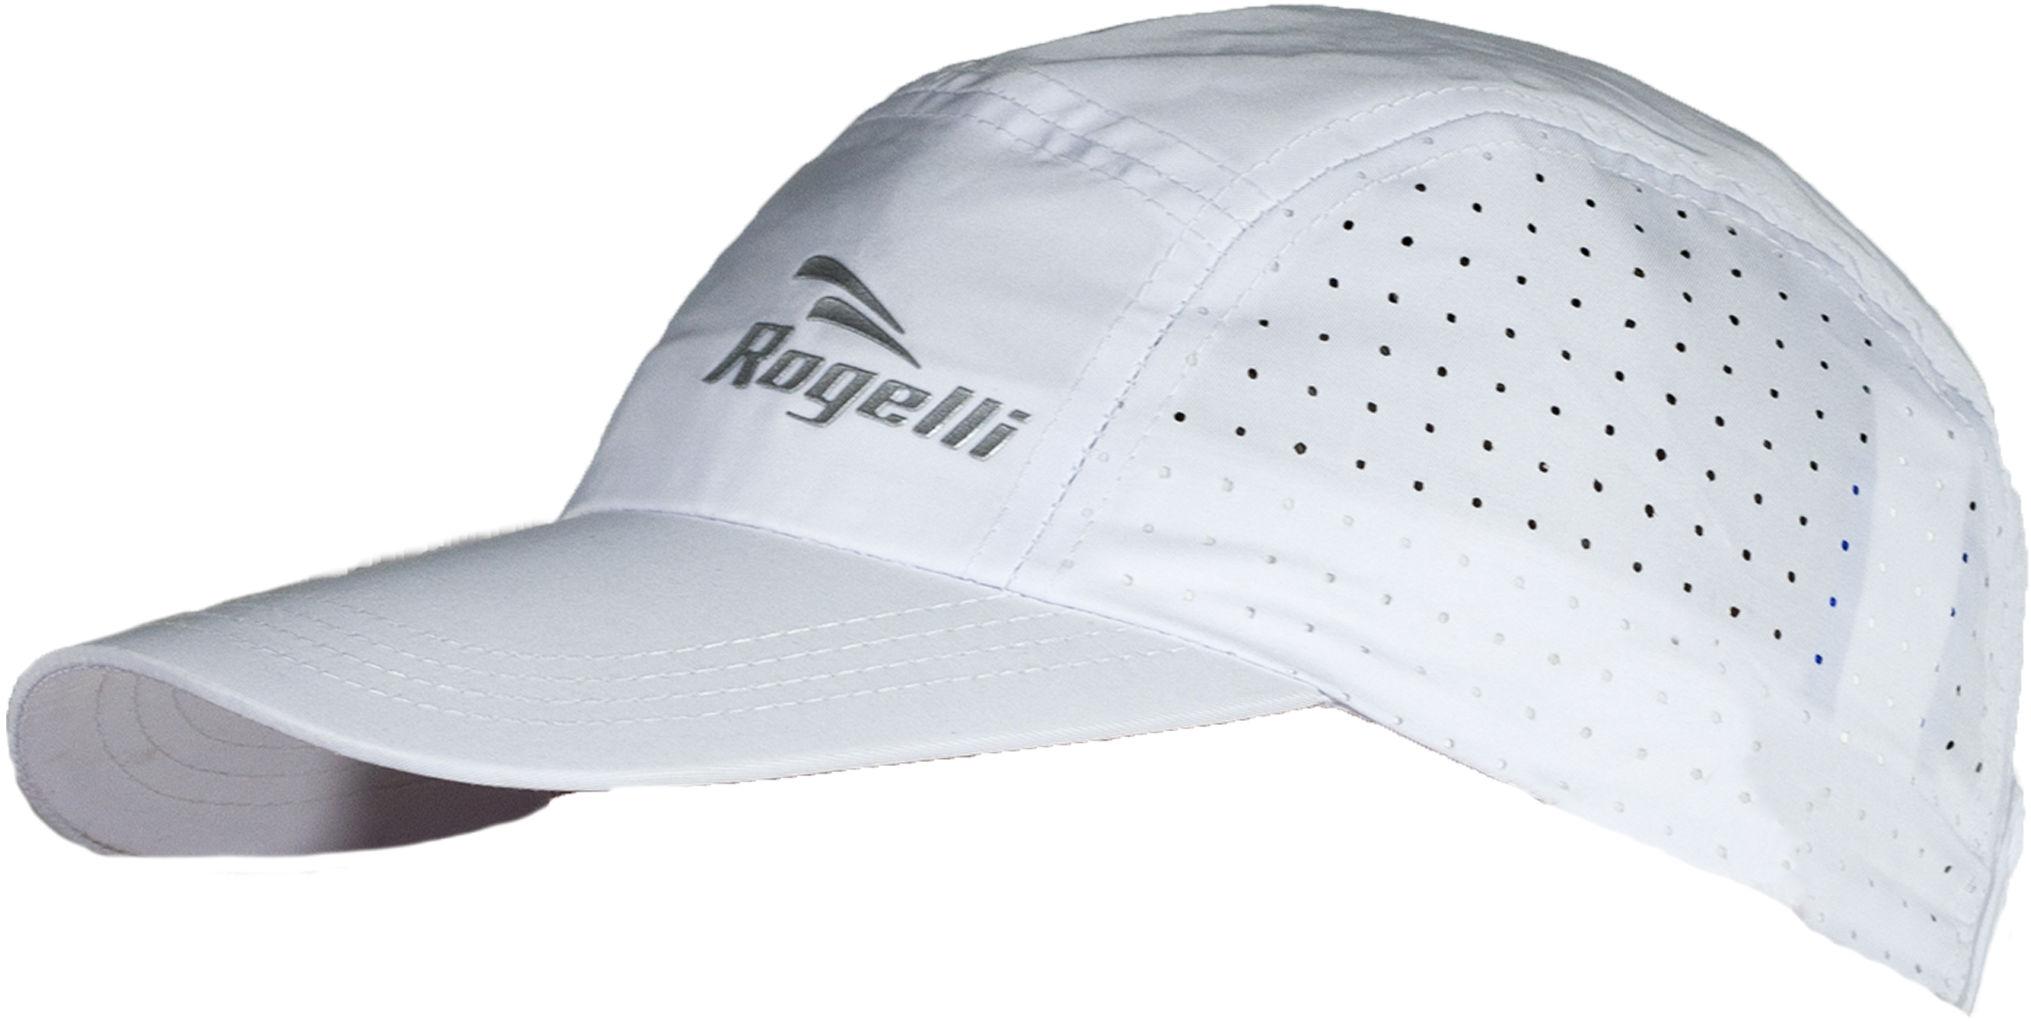 ROGELLI SS18 RUN 890.019 LIBERTY 2.0 - czapeczka z daszkiem unisex biała,8717849015523